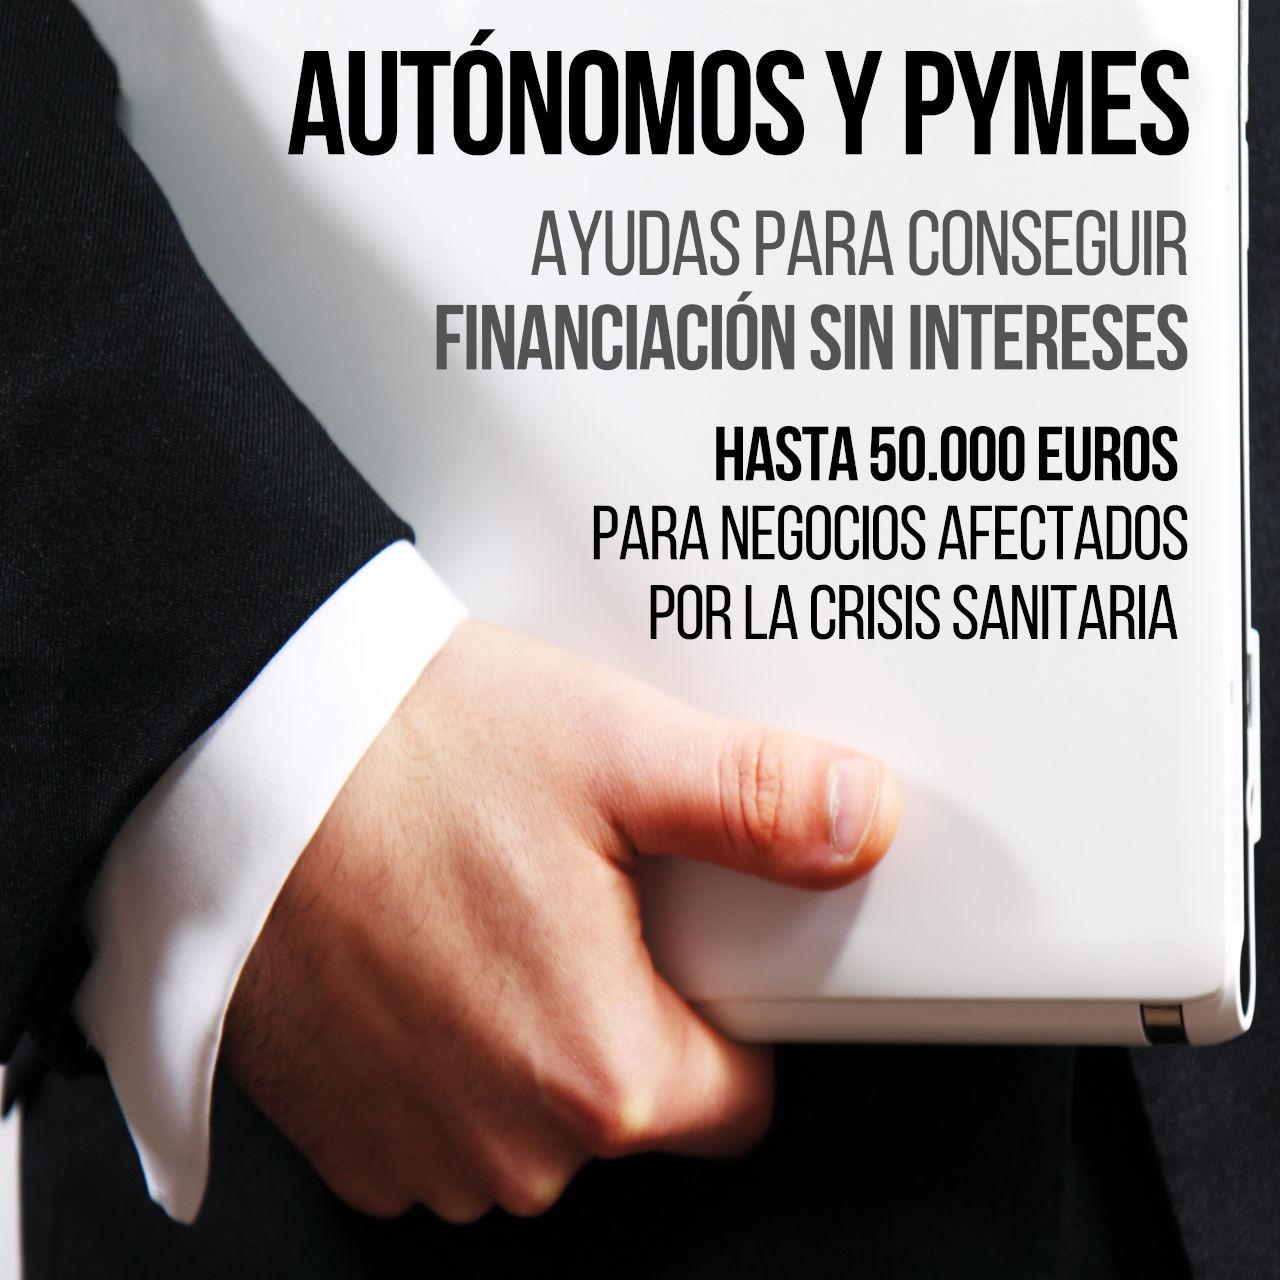 20200427_Ayudas INFO autonomos y pymes